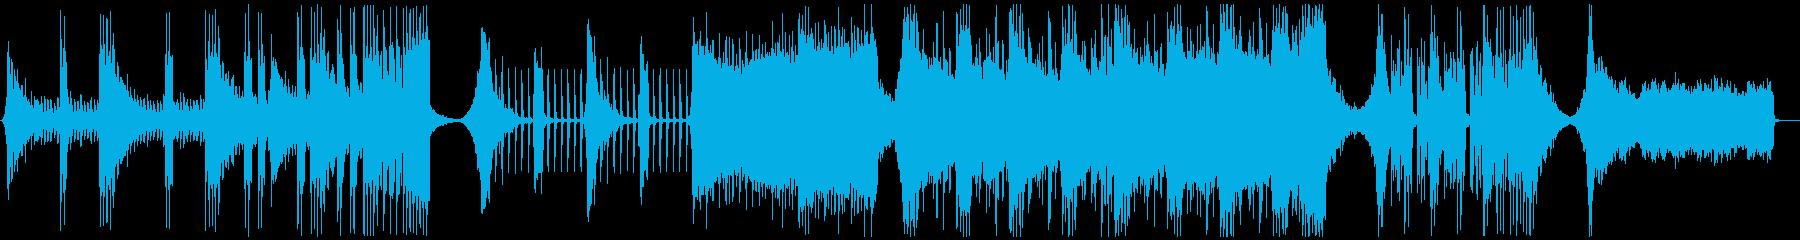 【予告編】トレーラー・ハリウッド・ロックの再生済みの波形